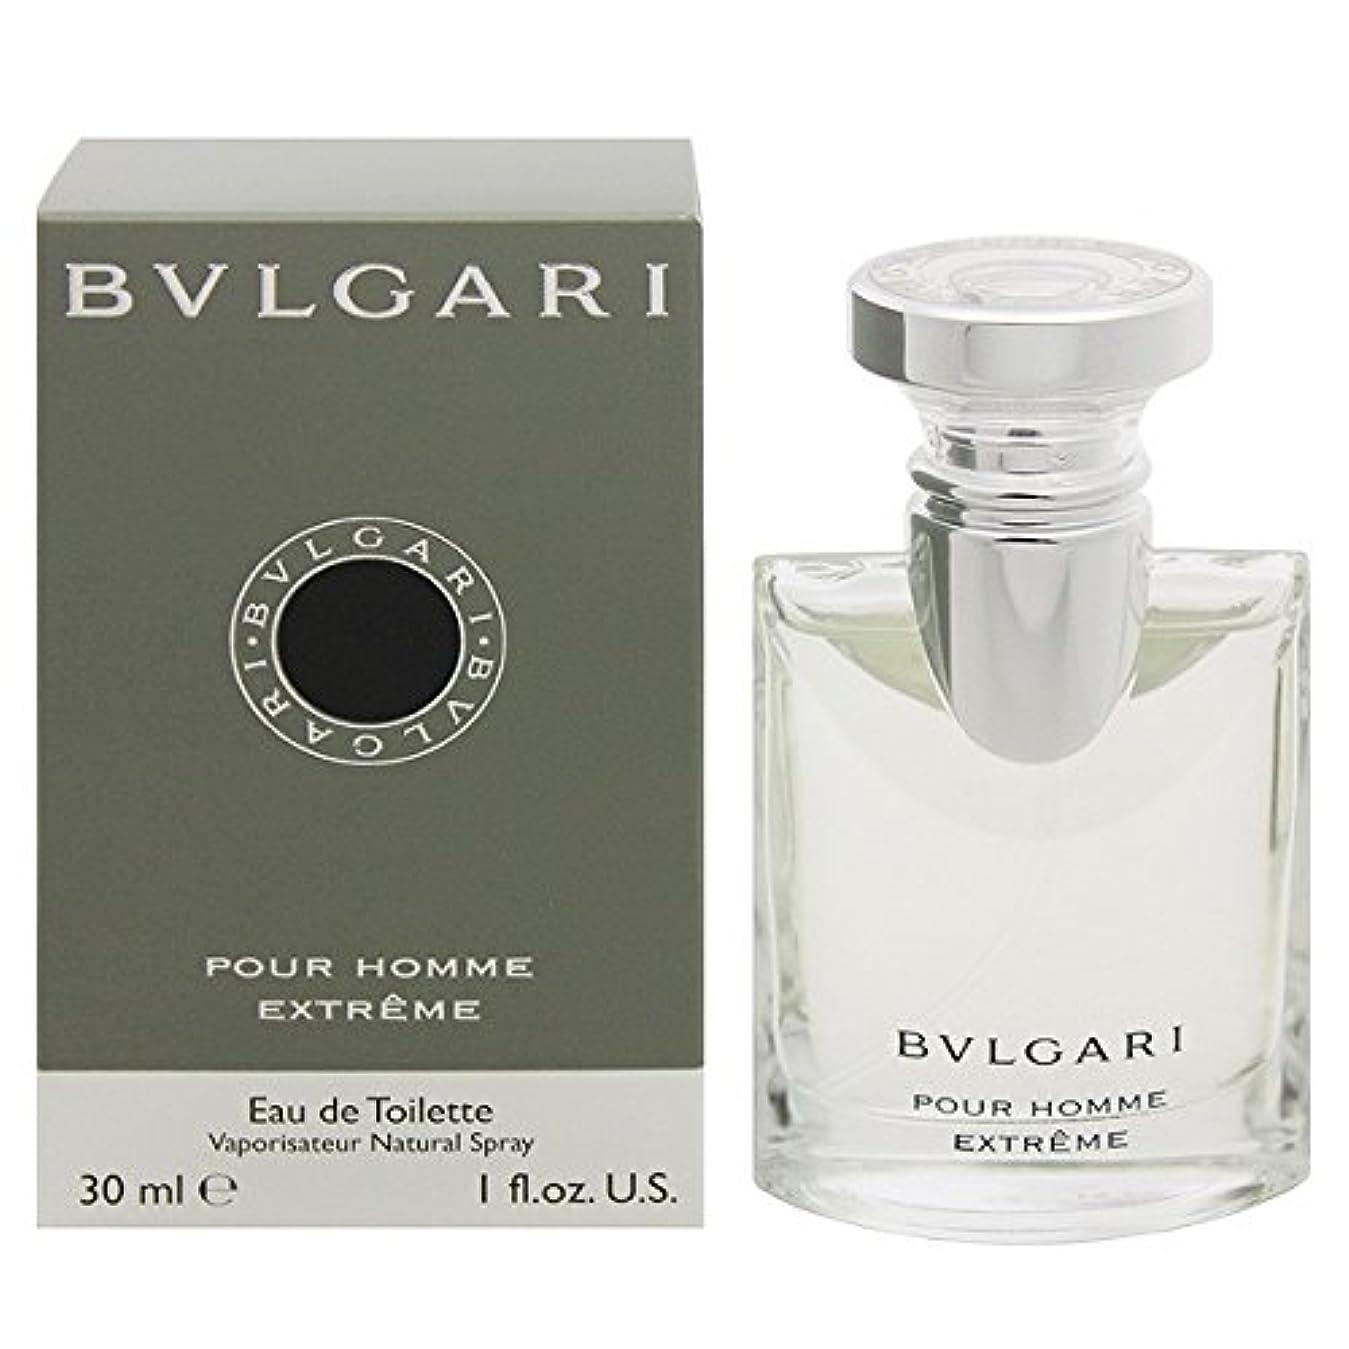 ブルガリ BVLGARI プールオム エクストレーム オードトワレ スプレー EDT 30mL 【香水】 [並行輸入品]